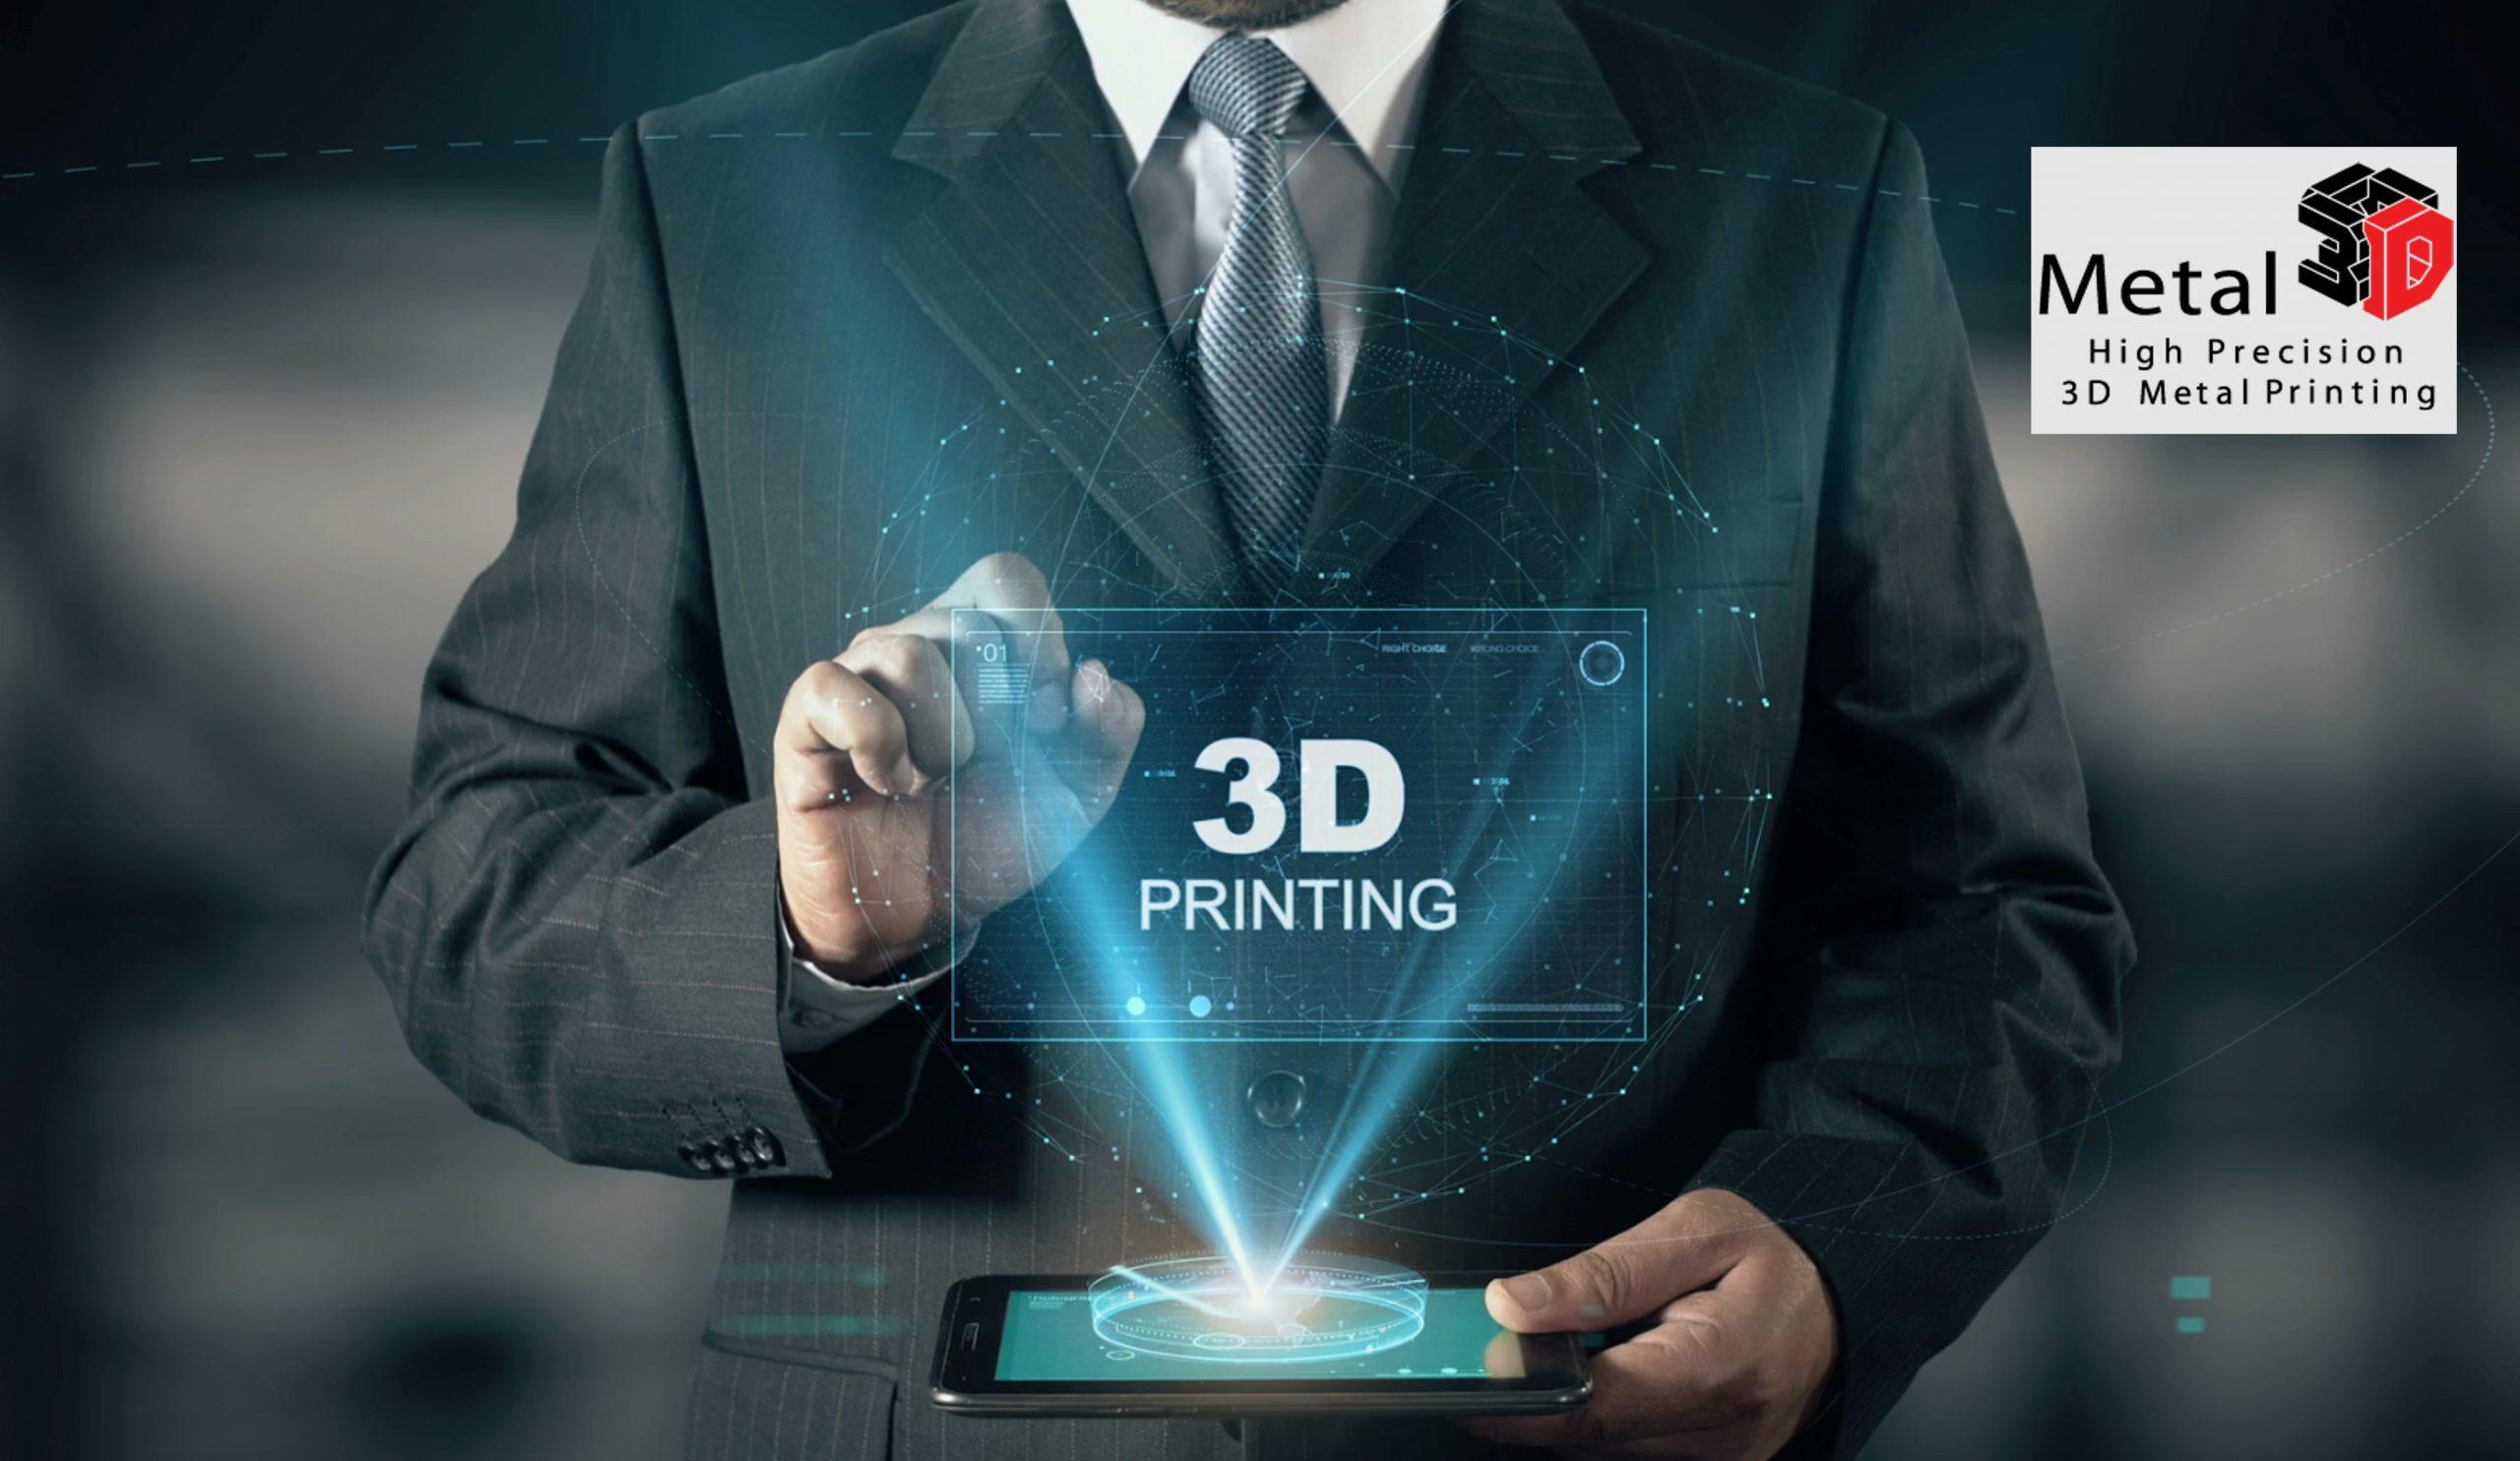 Metal 3D Printing - AMIGA